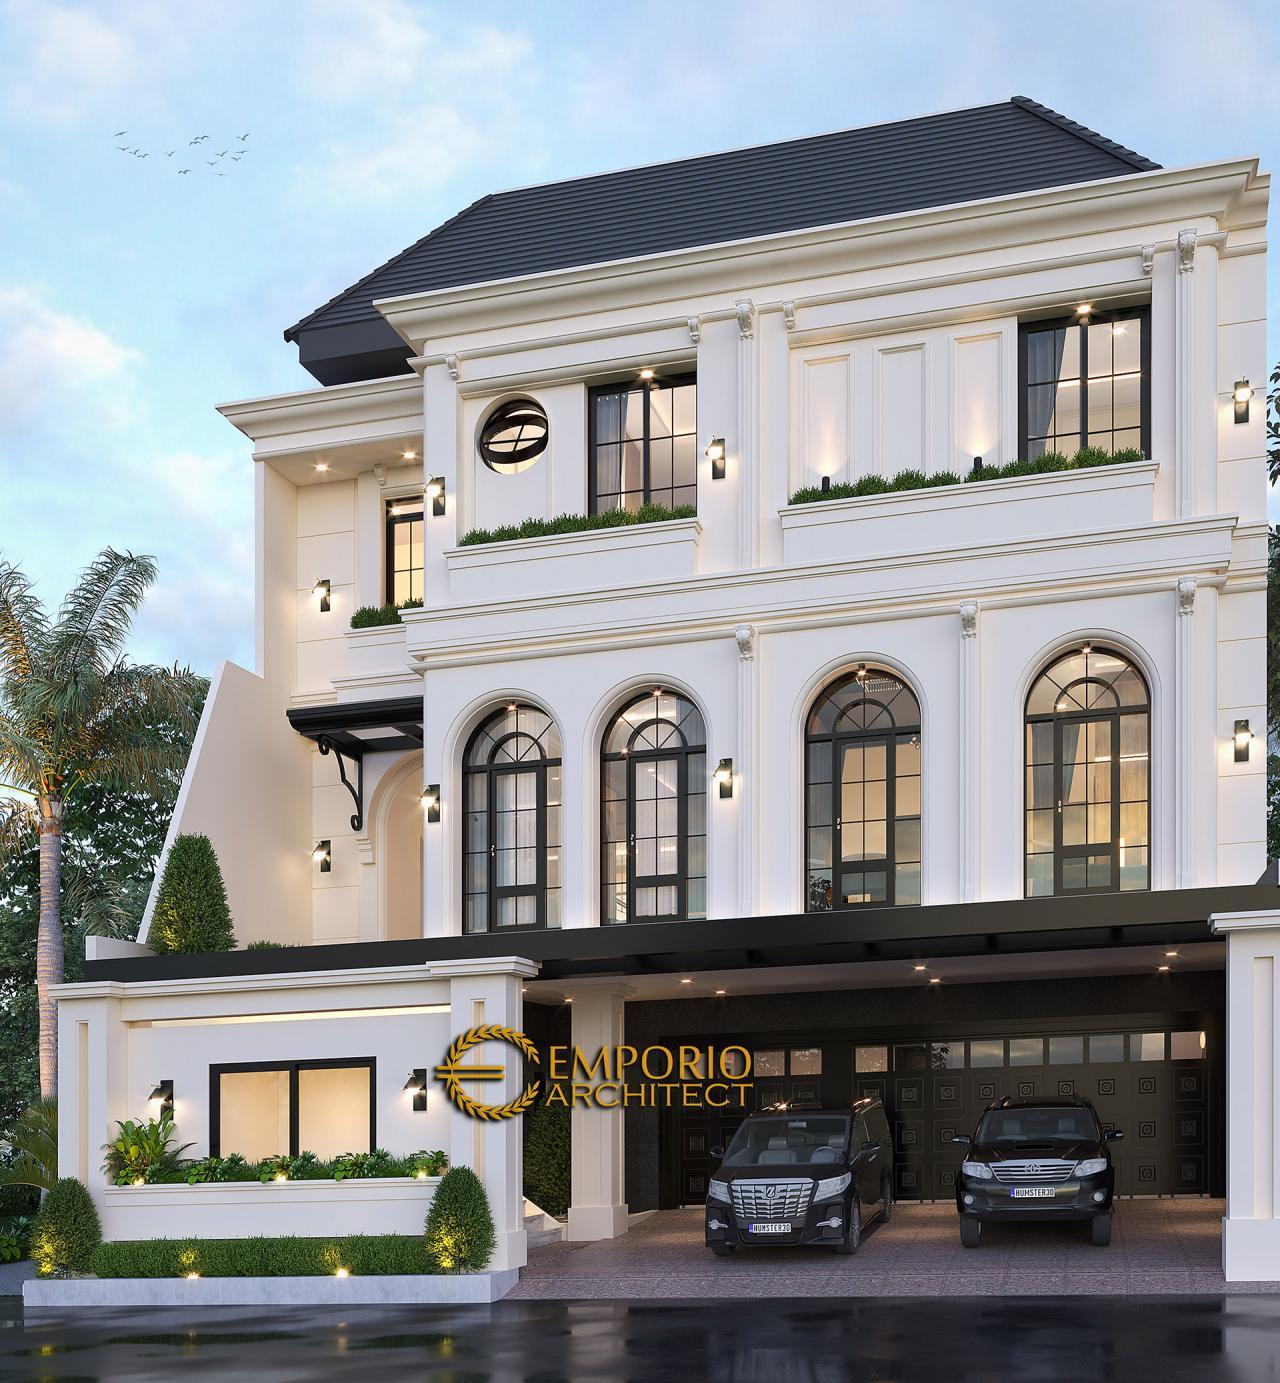 Desain Rumah Mediteran 3 Lantai Bapak Gilang Dirga dan Ibu Adiezty Fersa di Bekasi, Jawa Barat